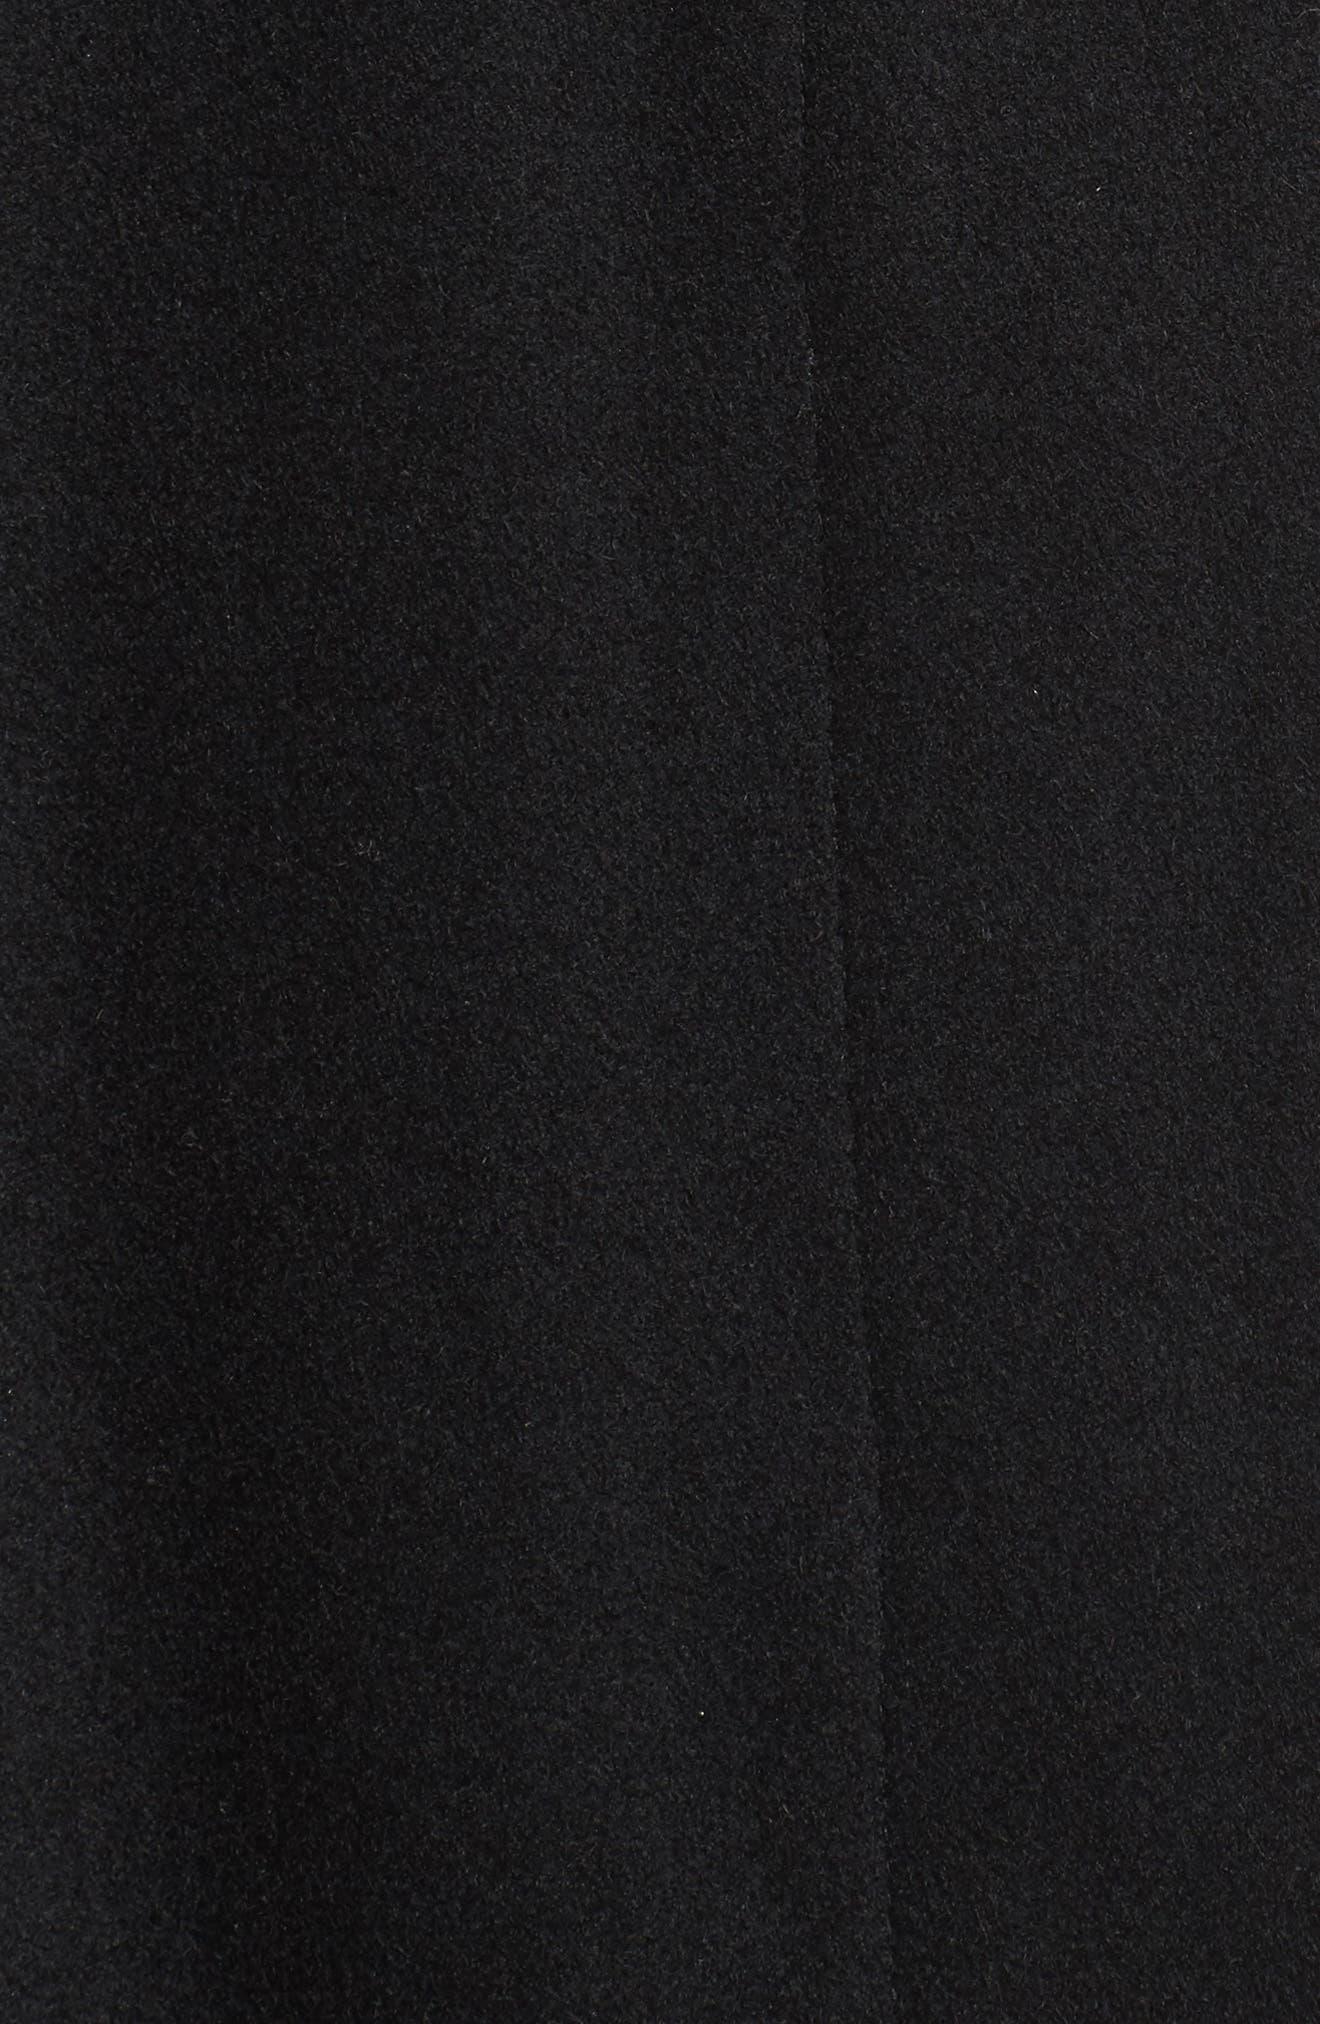 Full Length Wool Blend Coat,                             Alternate thumbnail 5, color,                             Black